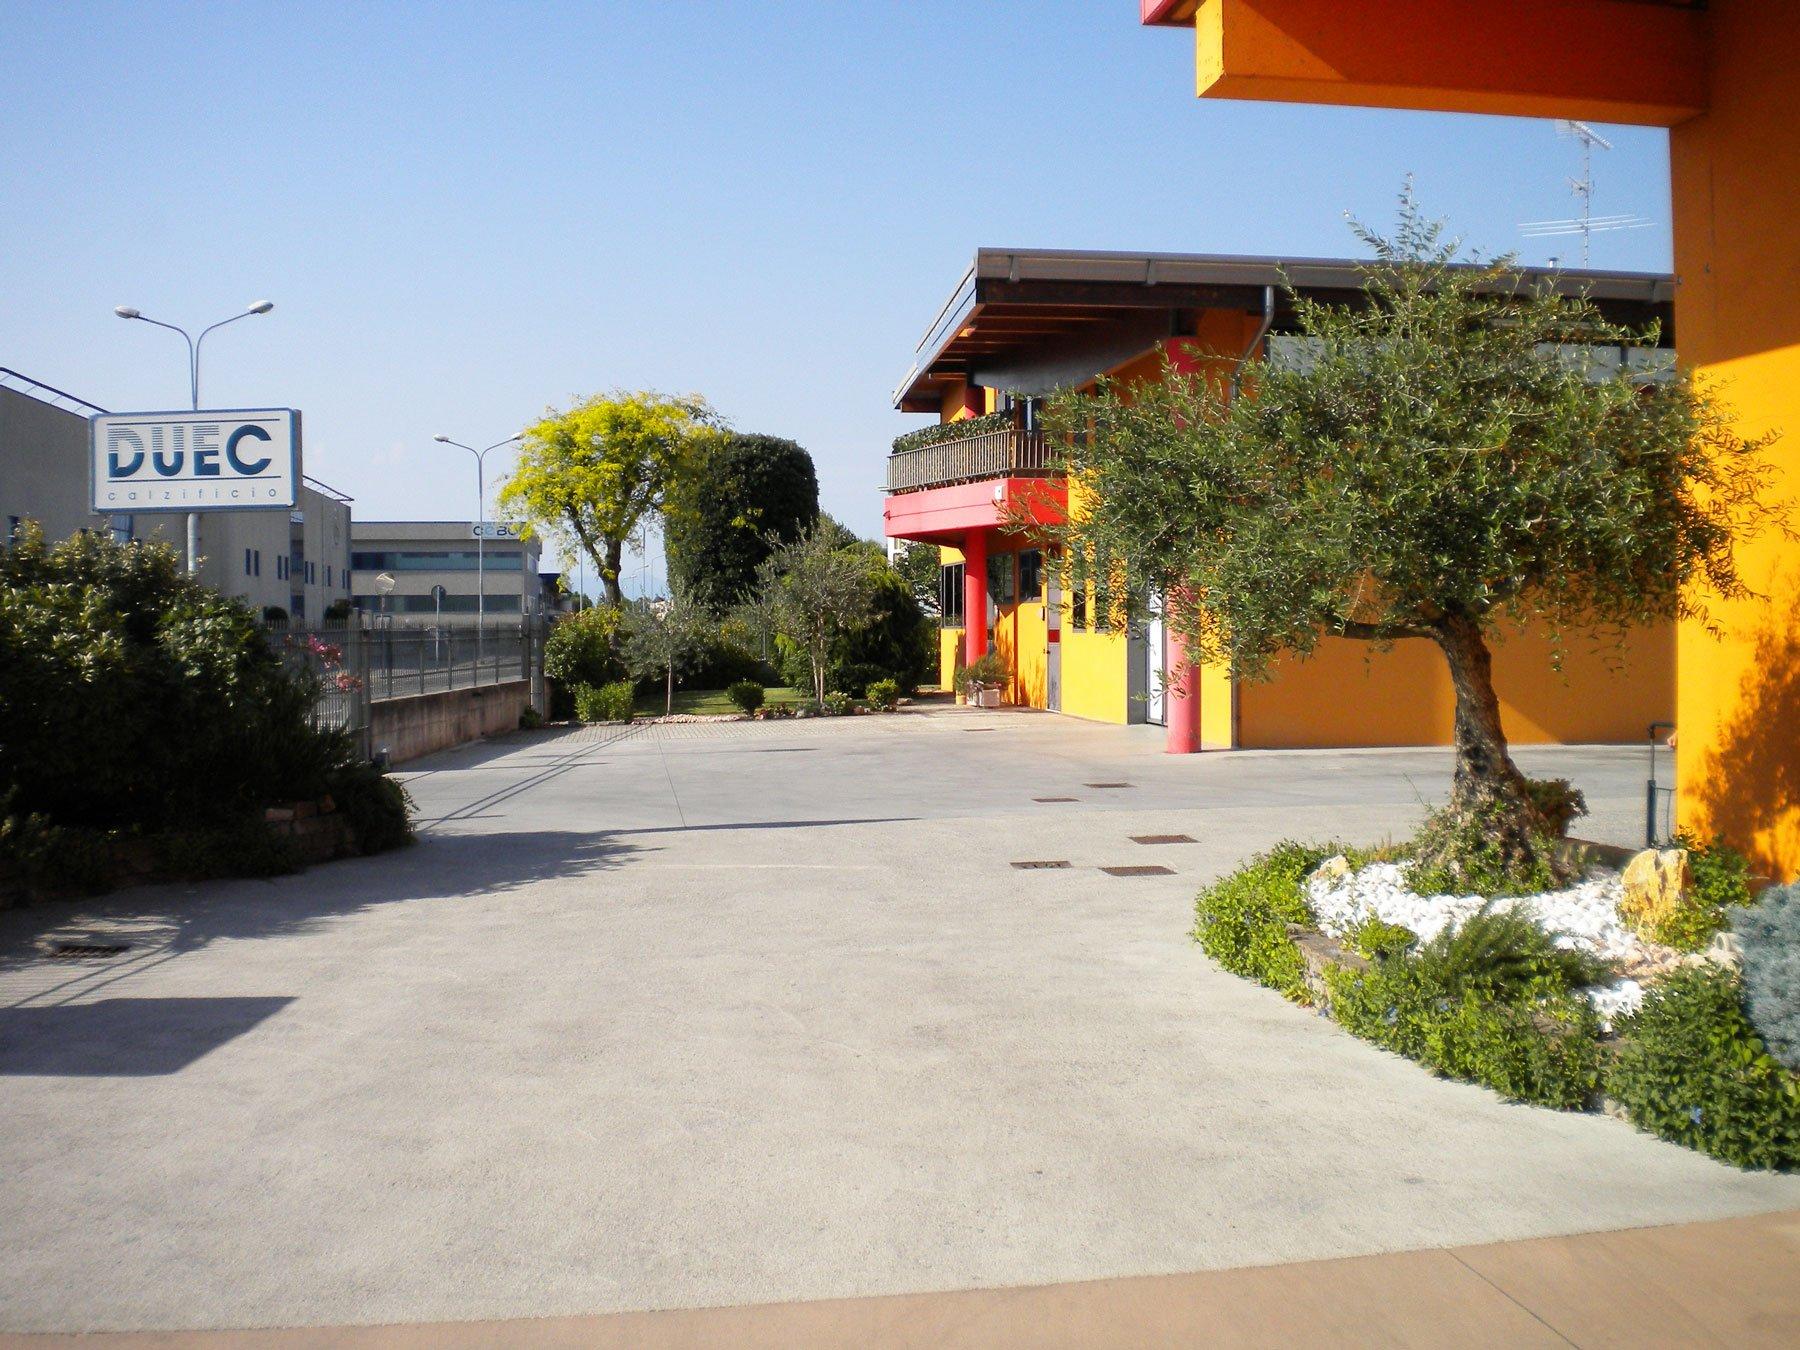 spazio all'esterno sulla destra un aiuola con delle piante e un albero, un muro giallo,sulla sinistra un cartello con scritto DUE C Colorificio e in lontananza degli alberi e una casa di color rosso e giallo